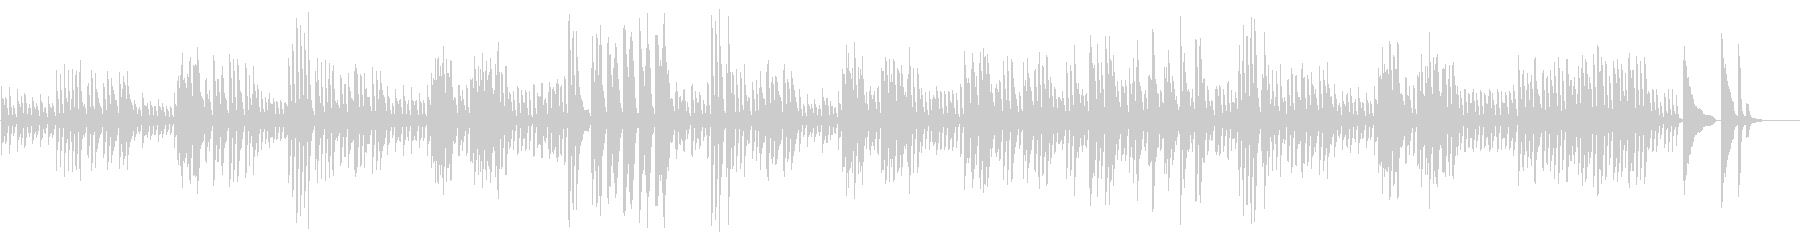 不思議な雰囲気のピアノ曲の未再生の波形